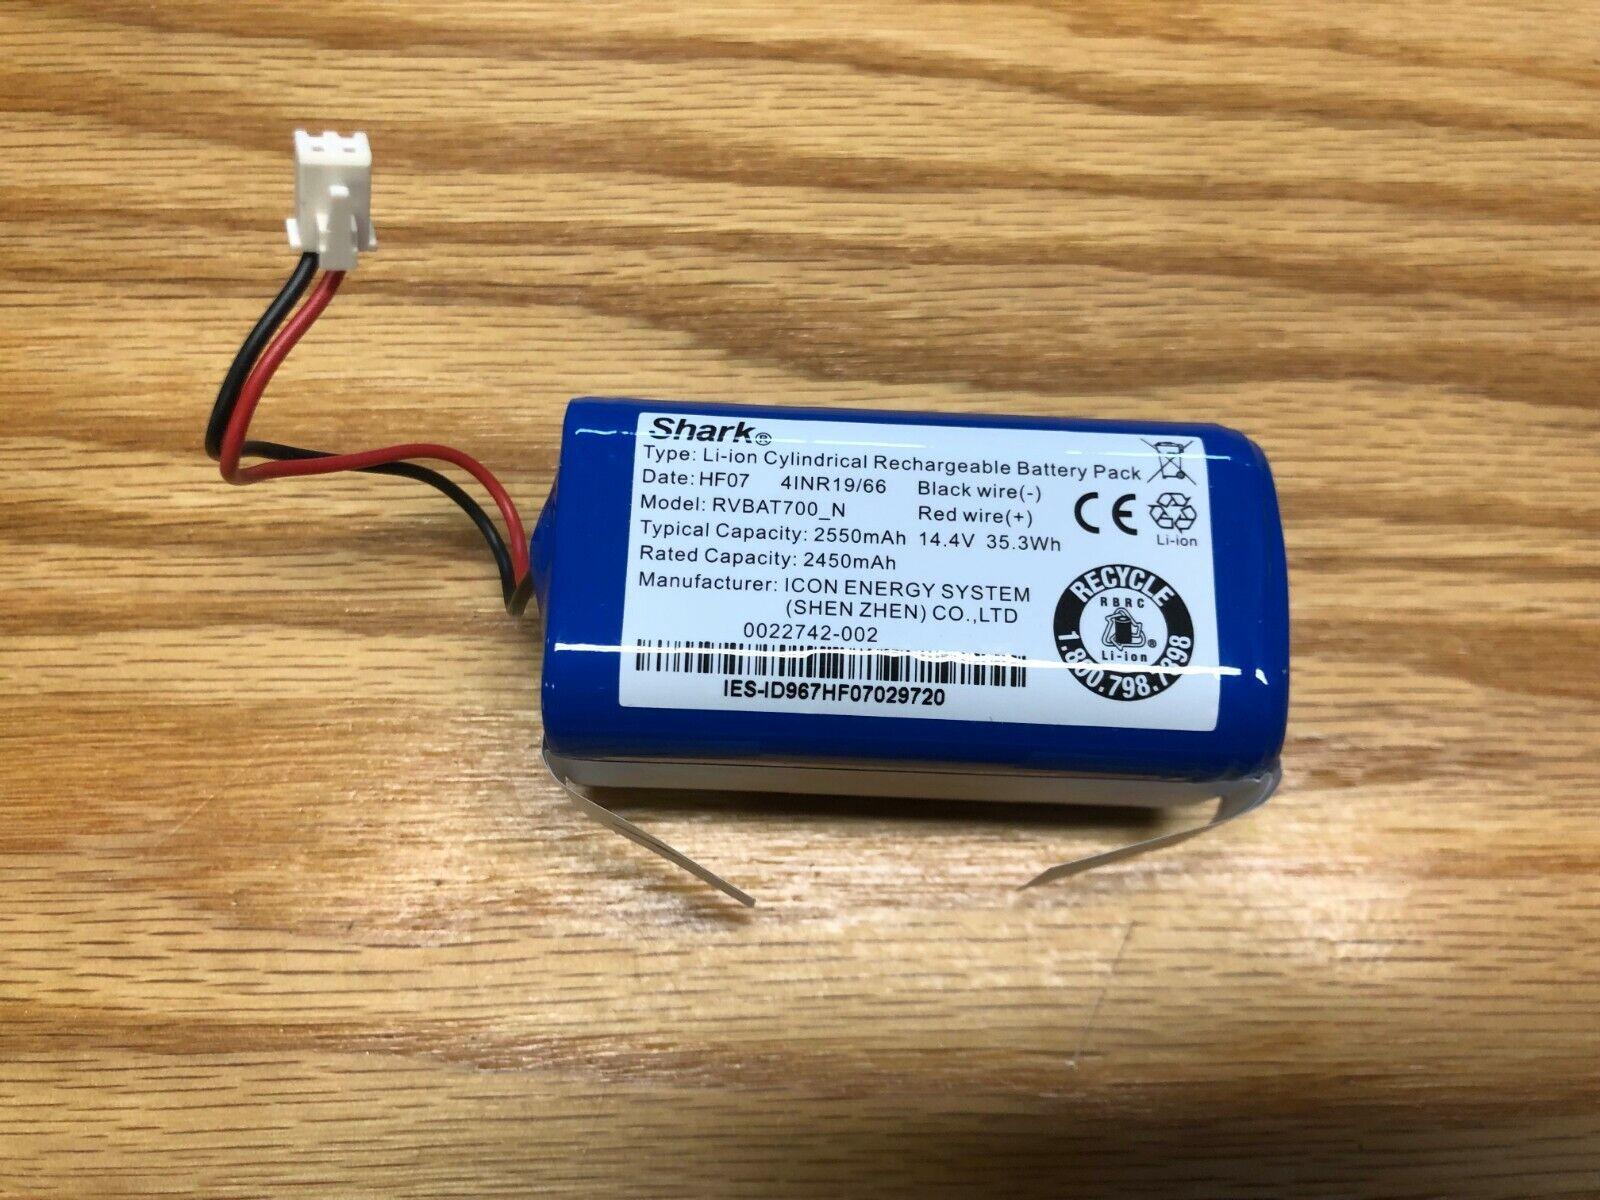 Shark Ion RV750, RV755 Robot Vacuum - - - -rvbat700_n Batter